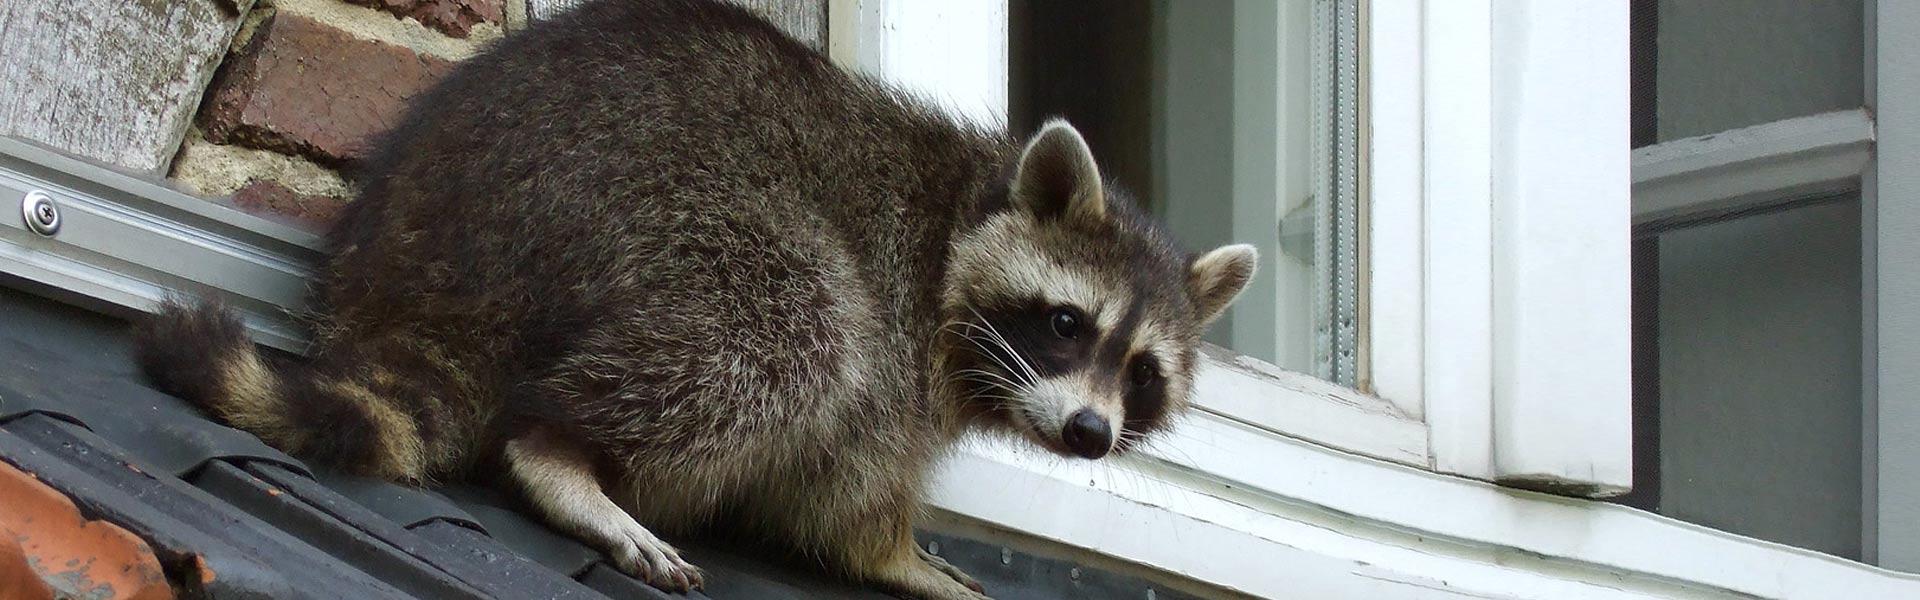 cmc animal control michigan bats raccoons mice u0026 more part 2